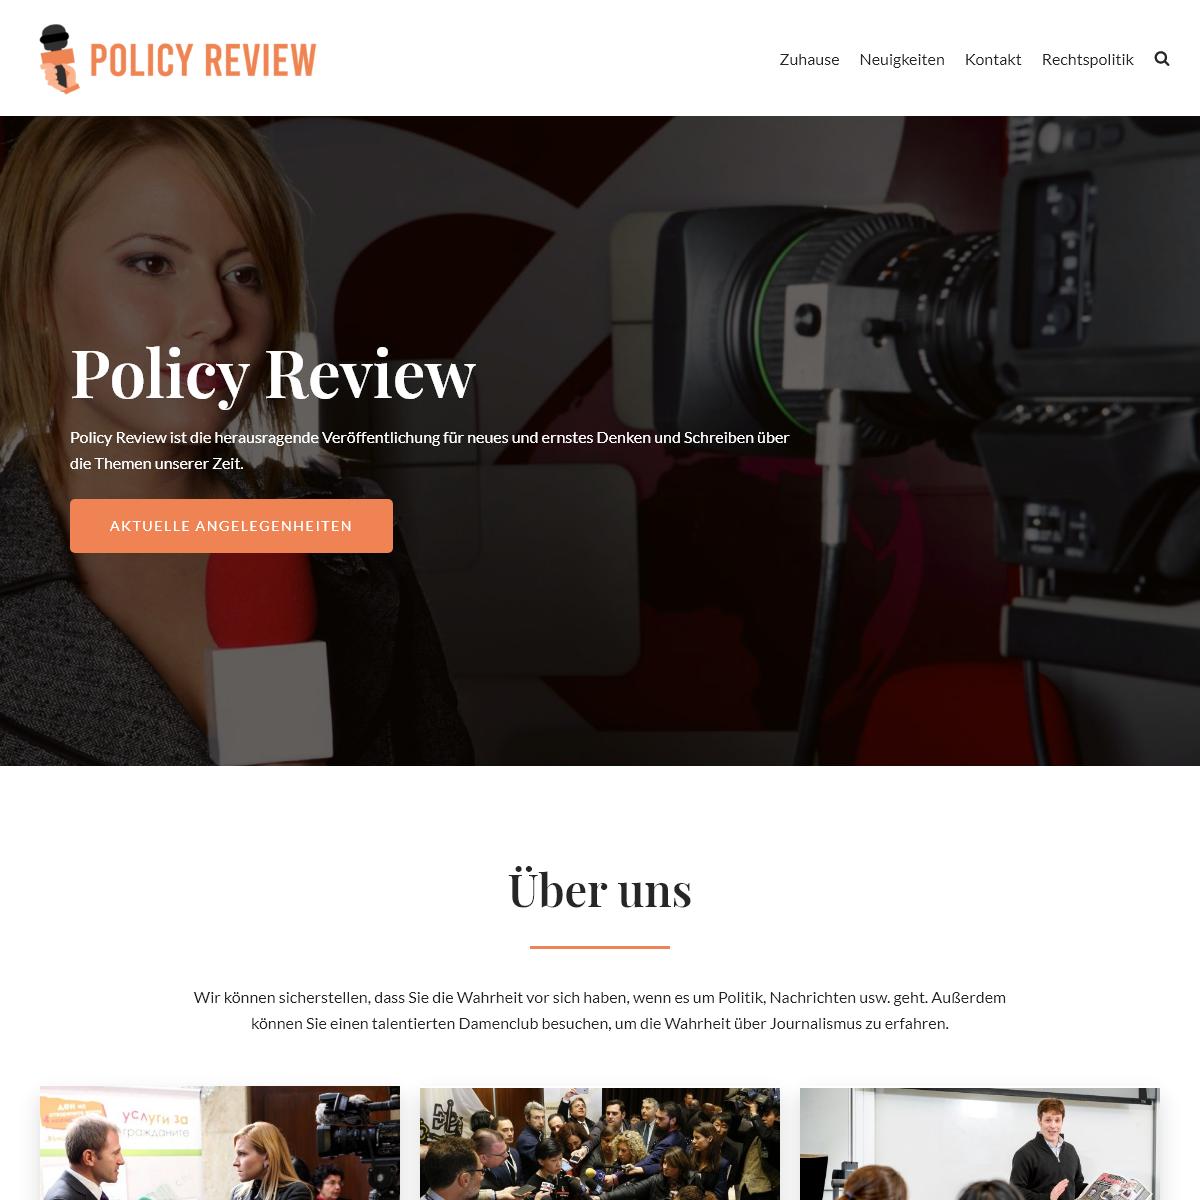 Policy Review - Für die Gesellschaft von Vorteil